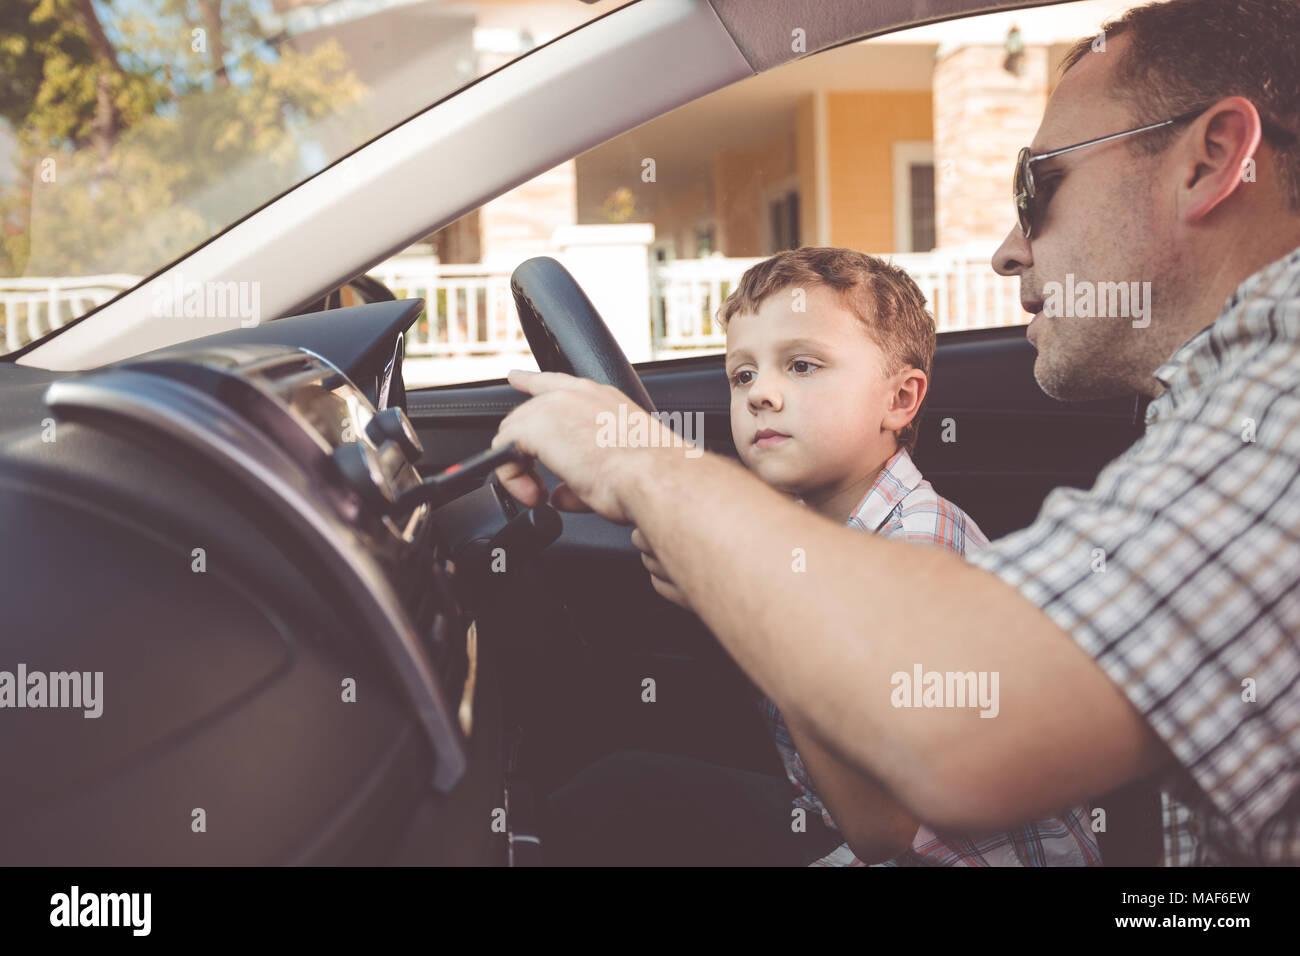 Gerne Vater und Sohn im Auto am Tag Zeit sitzen. Leute, die für die Reise bereit. Konzept der glücklichen Familie. Stockbild